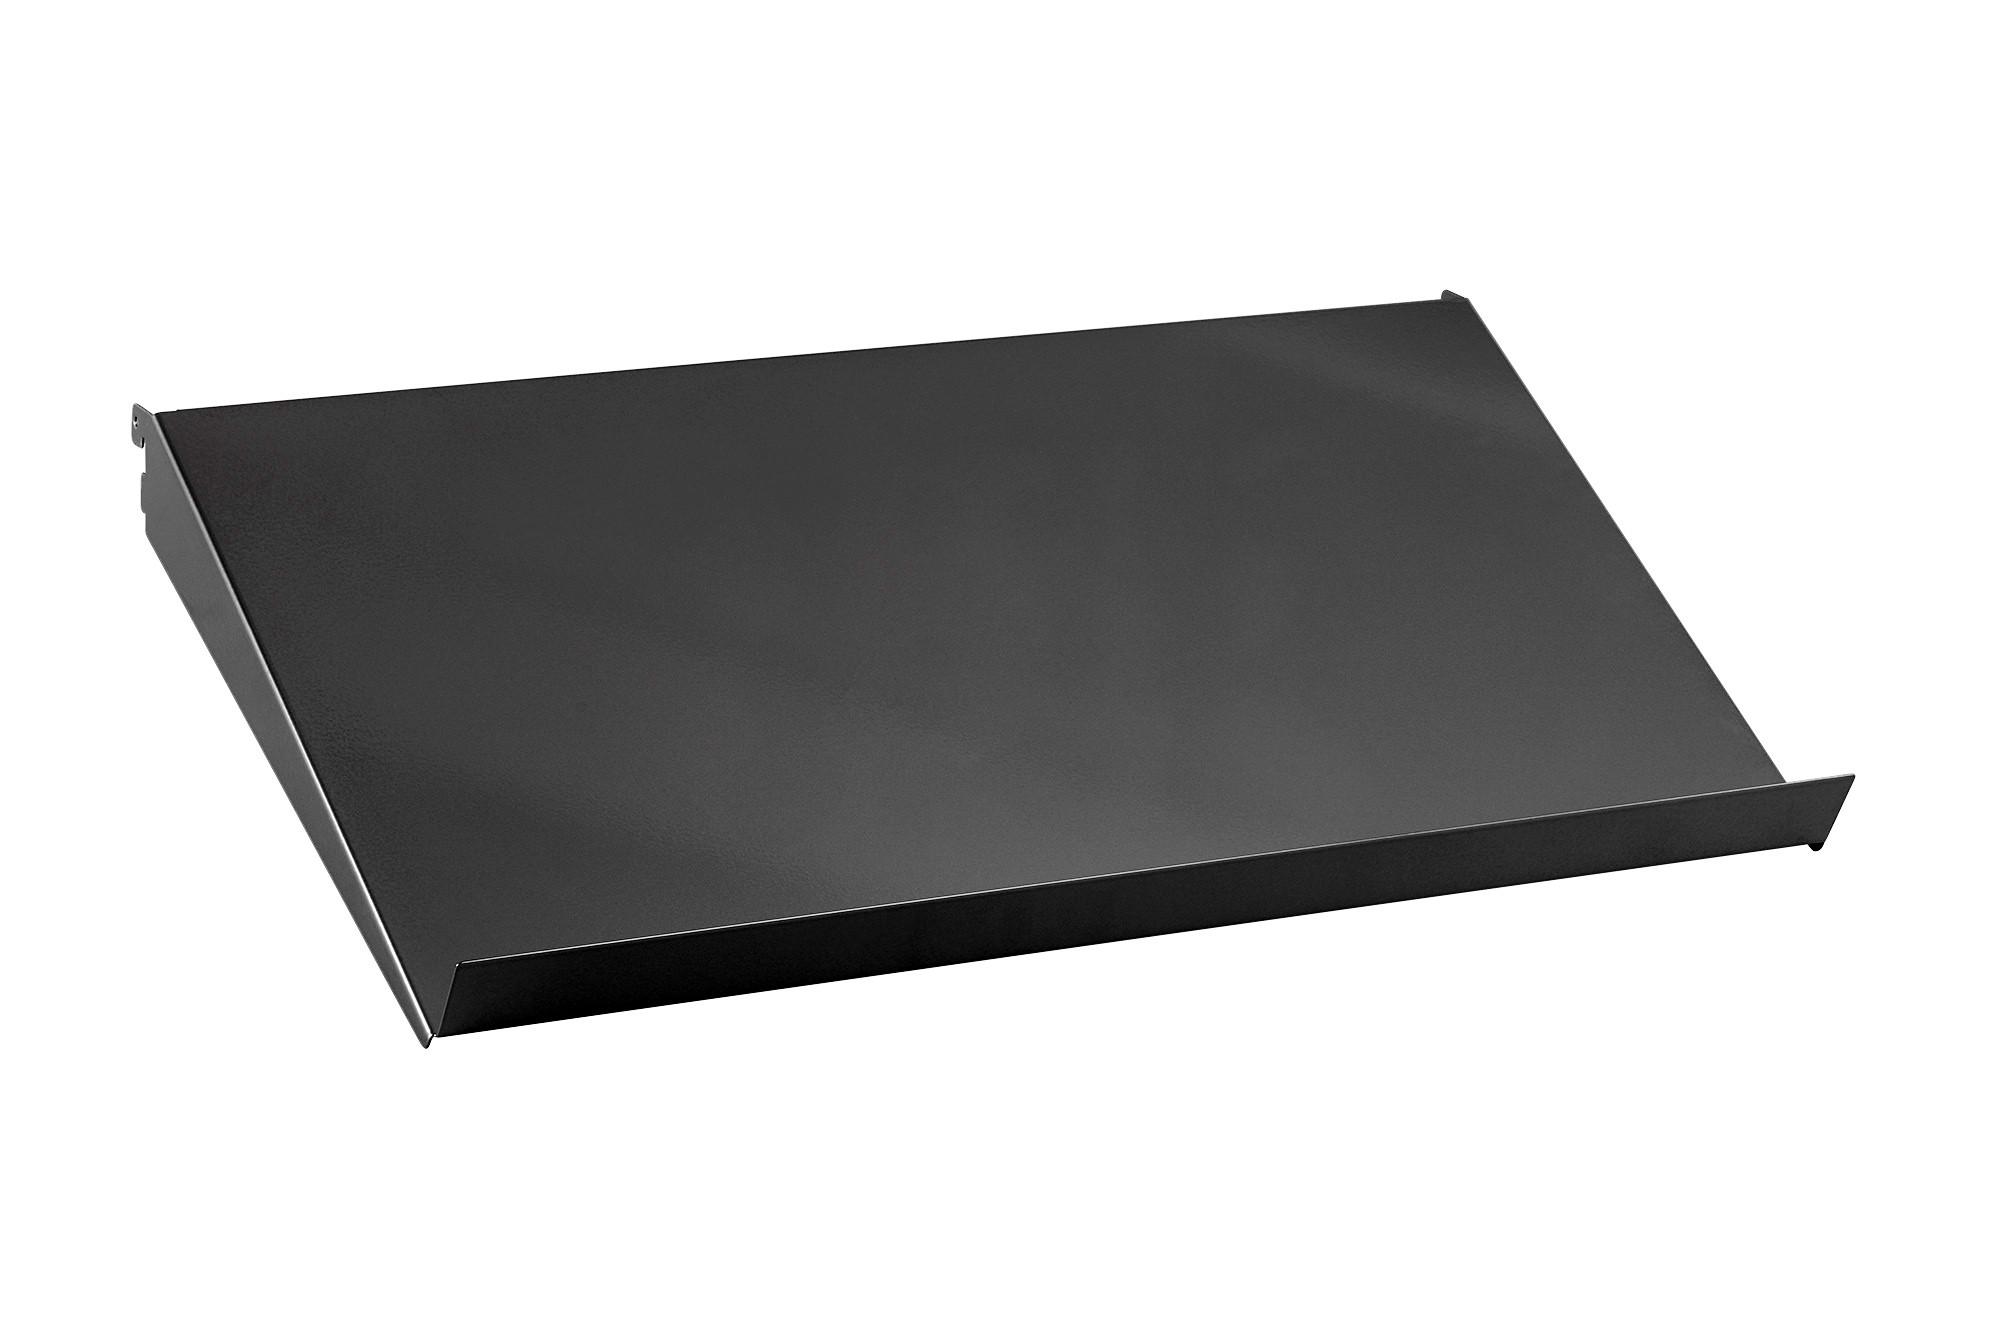 Наклонная металлическая полка, 60 см, графит, Elfa® - фото